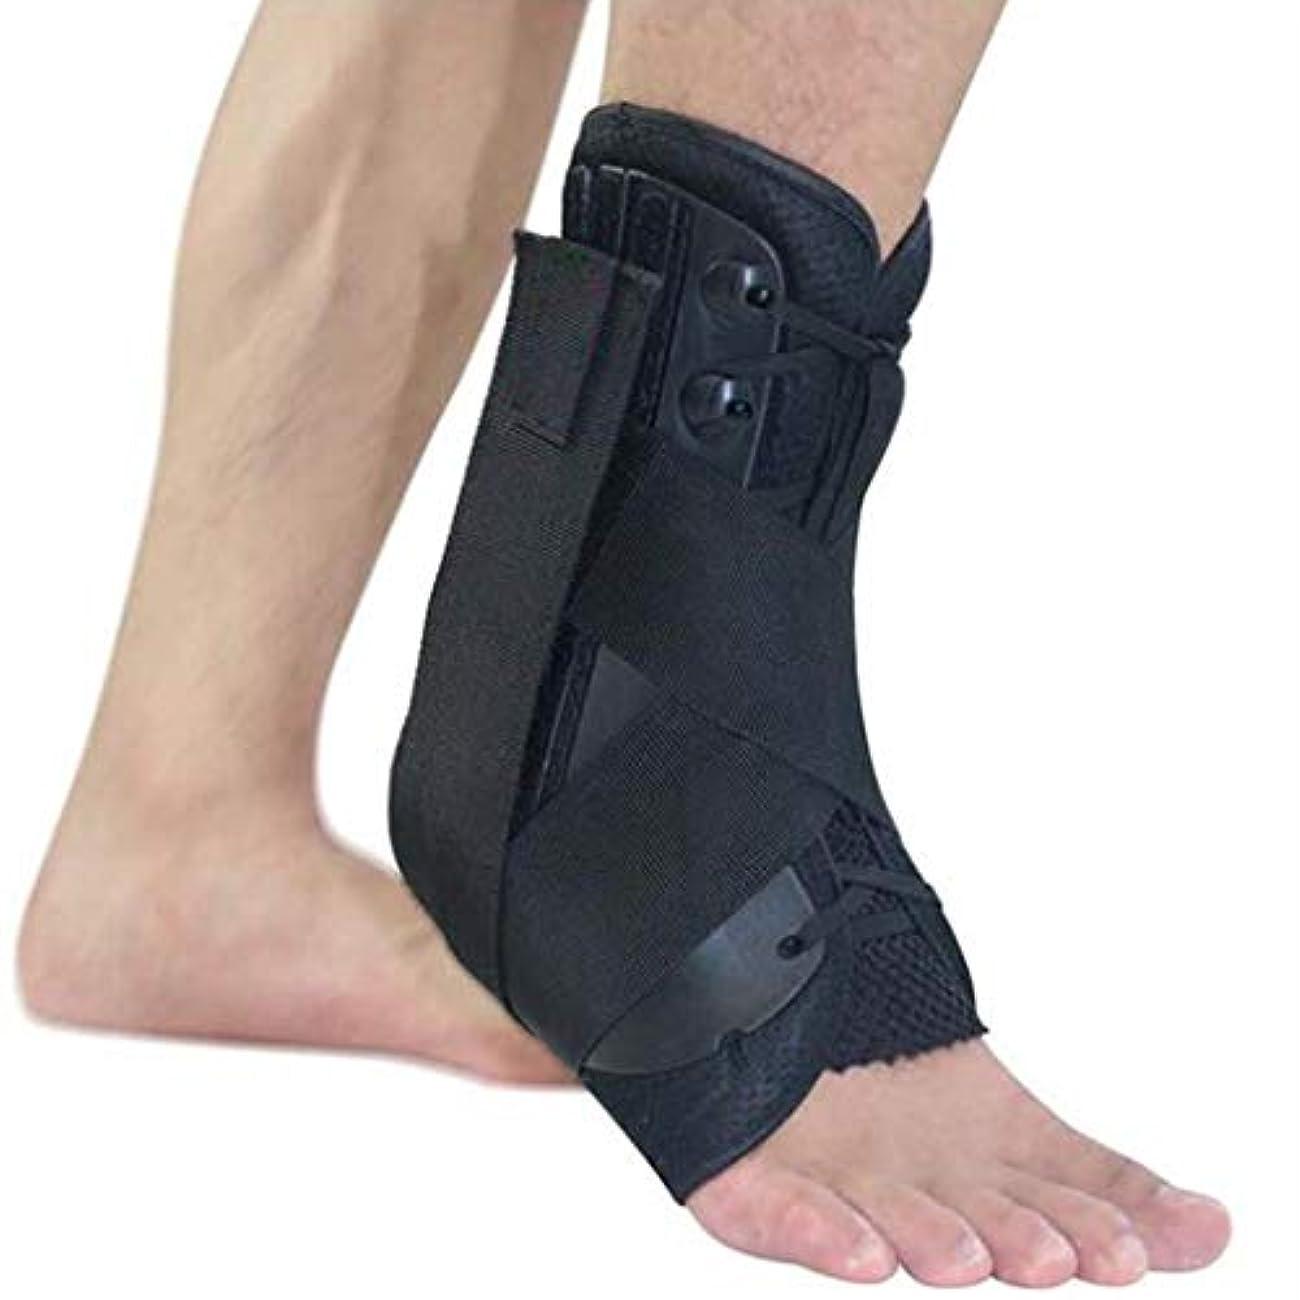 ケーブルカーインク獣筋膜炎かかとの痛み、手術後のアキレス腱気道足首骨折治療フィックスサポートツール (Size : L)